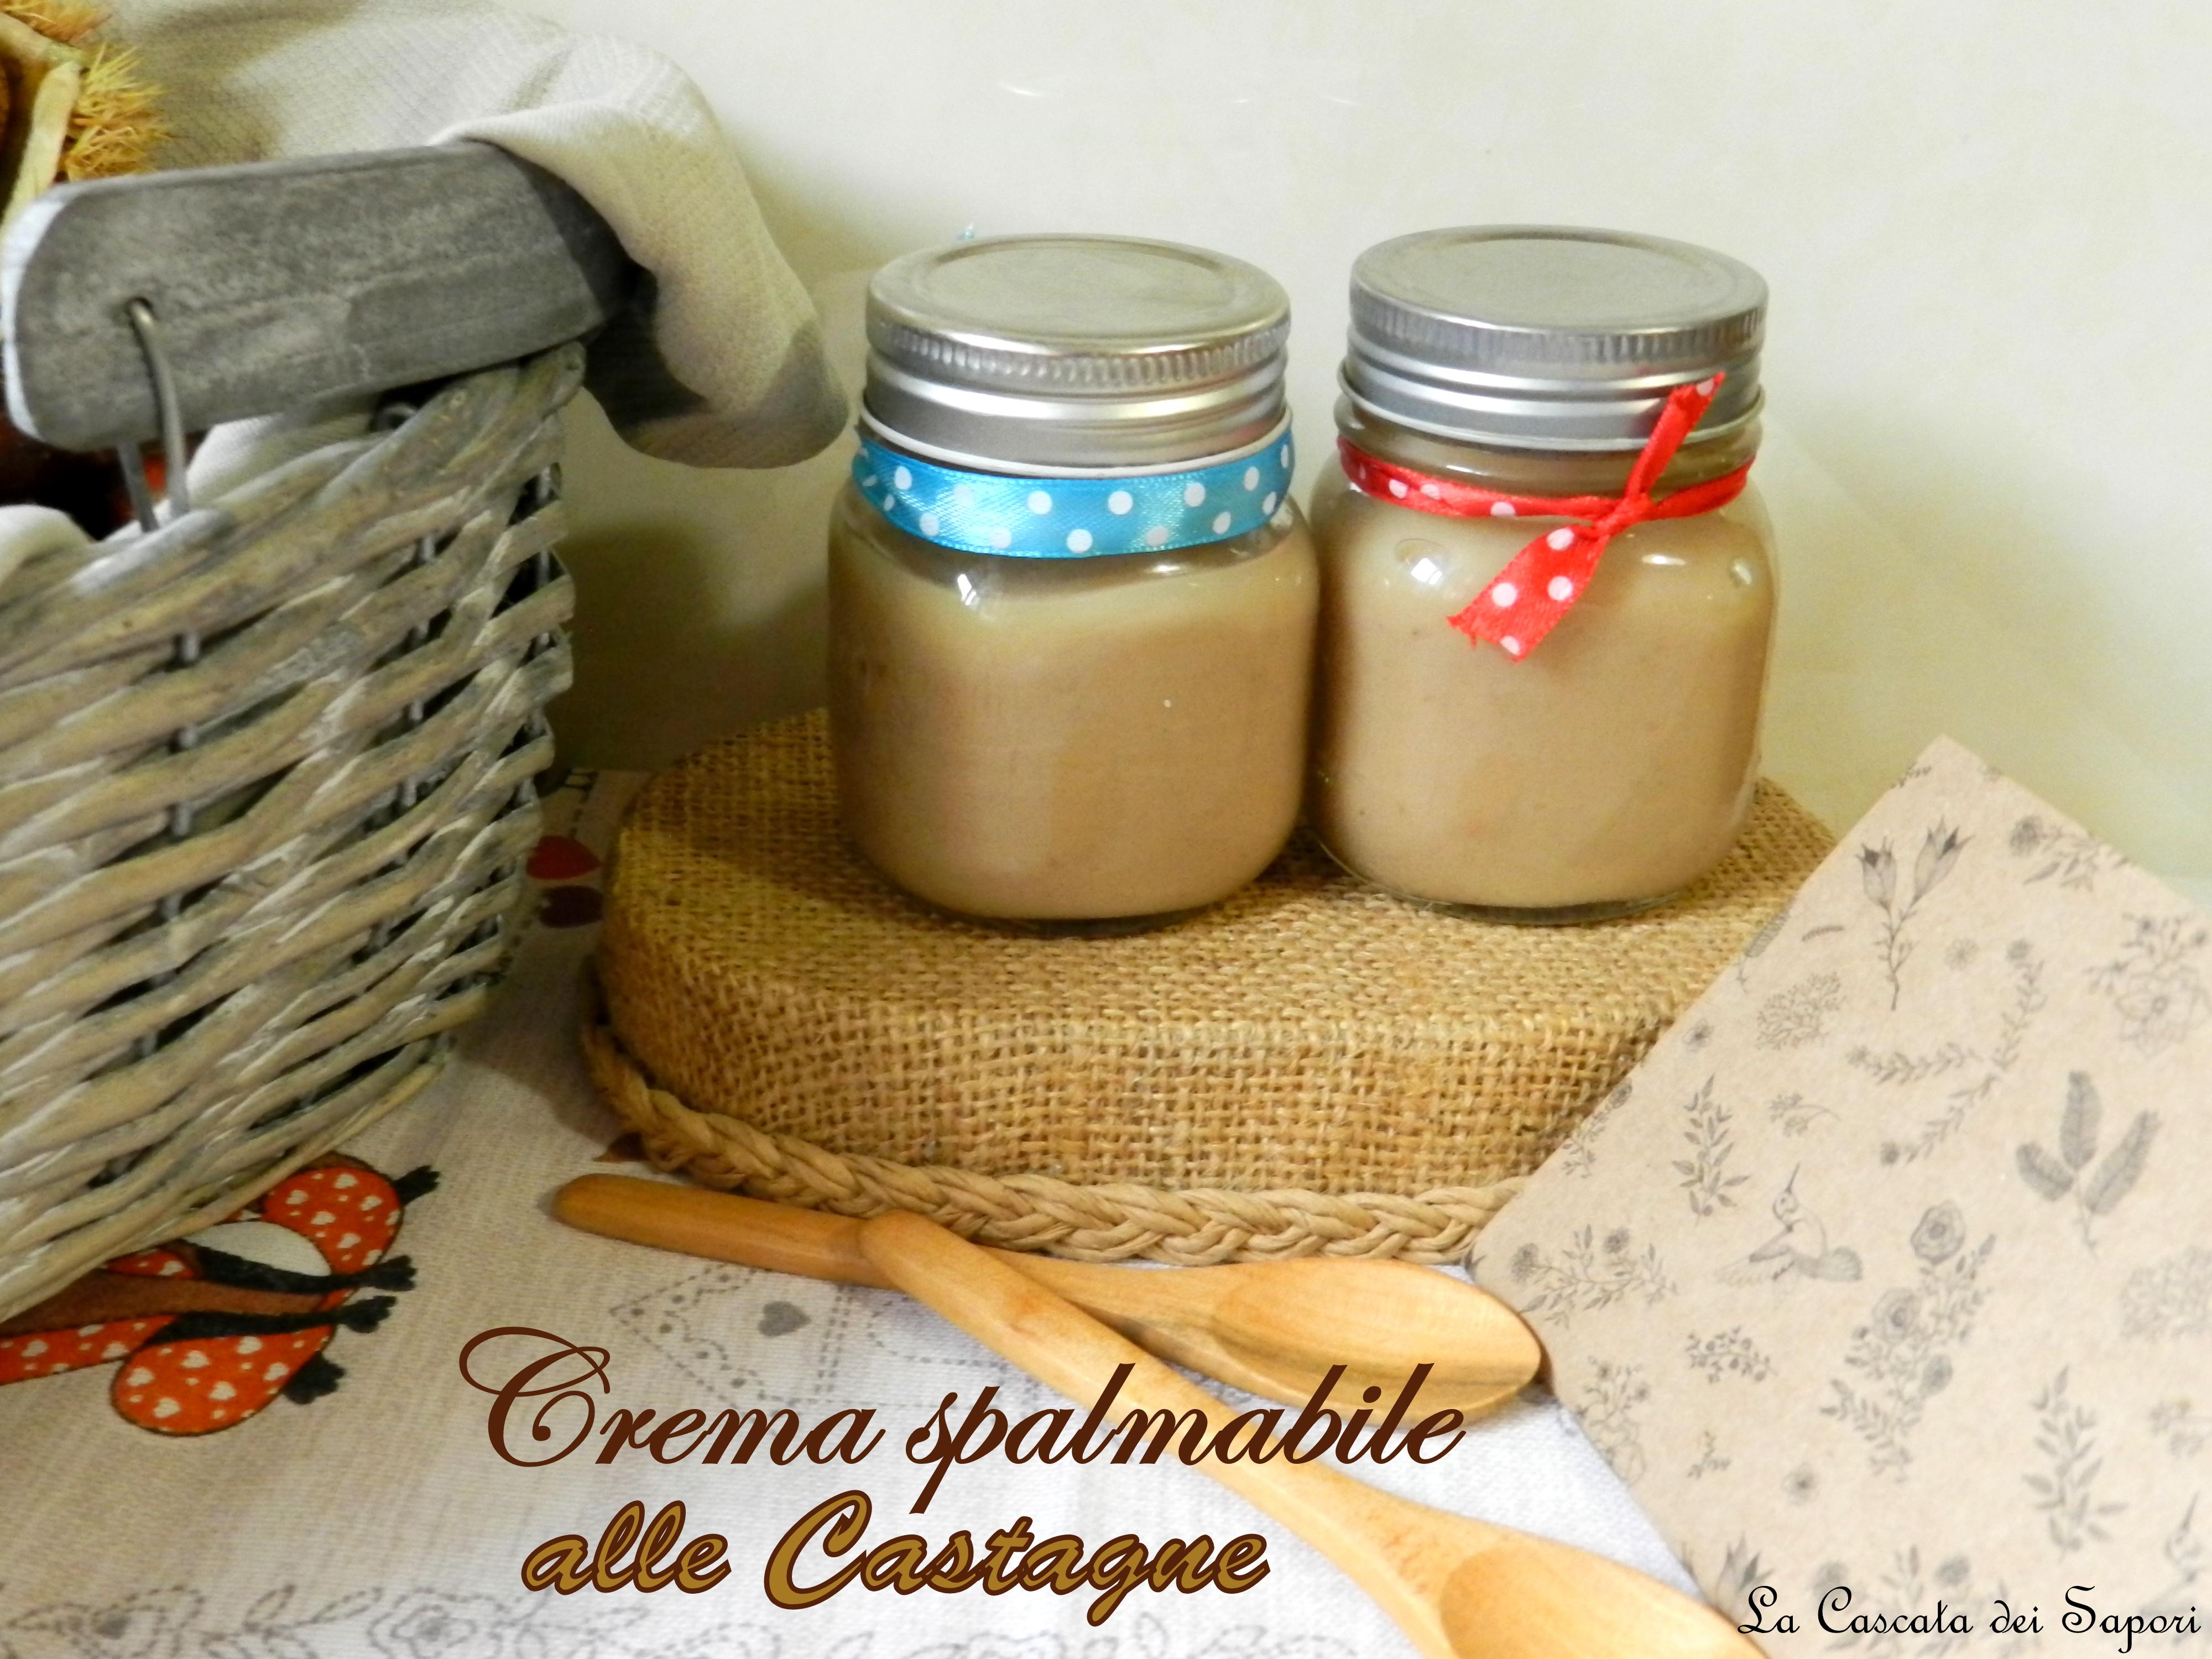 Crema spalmabile alle Castagne